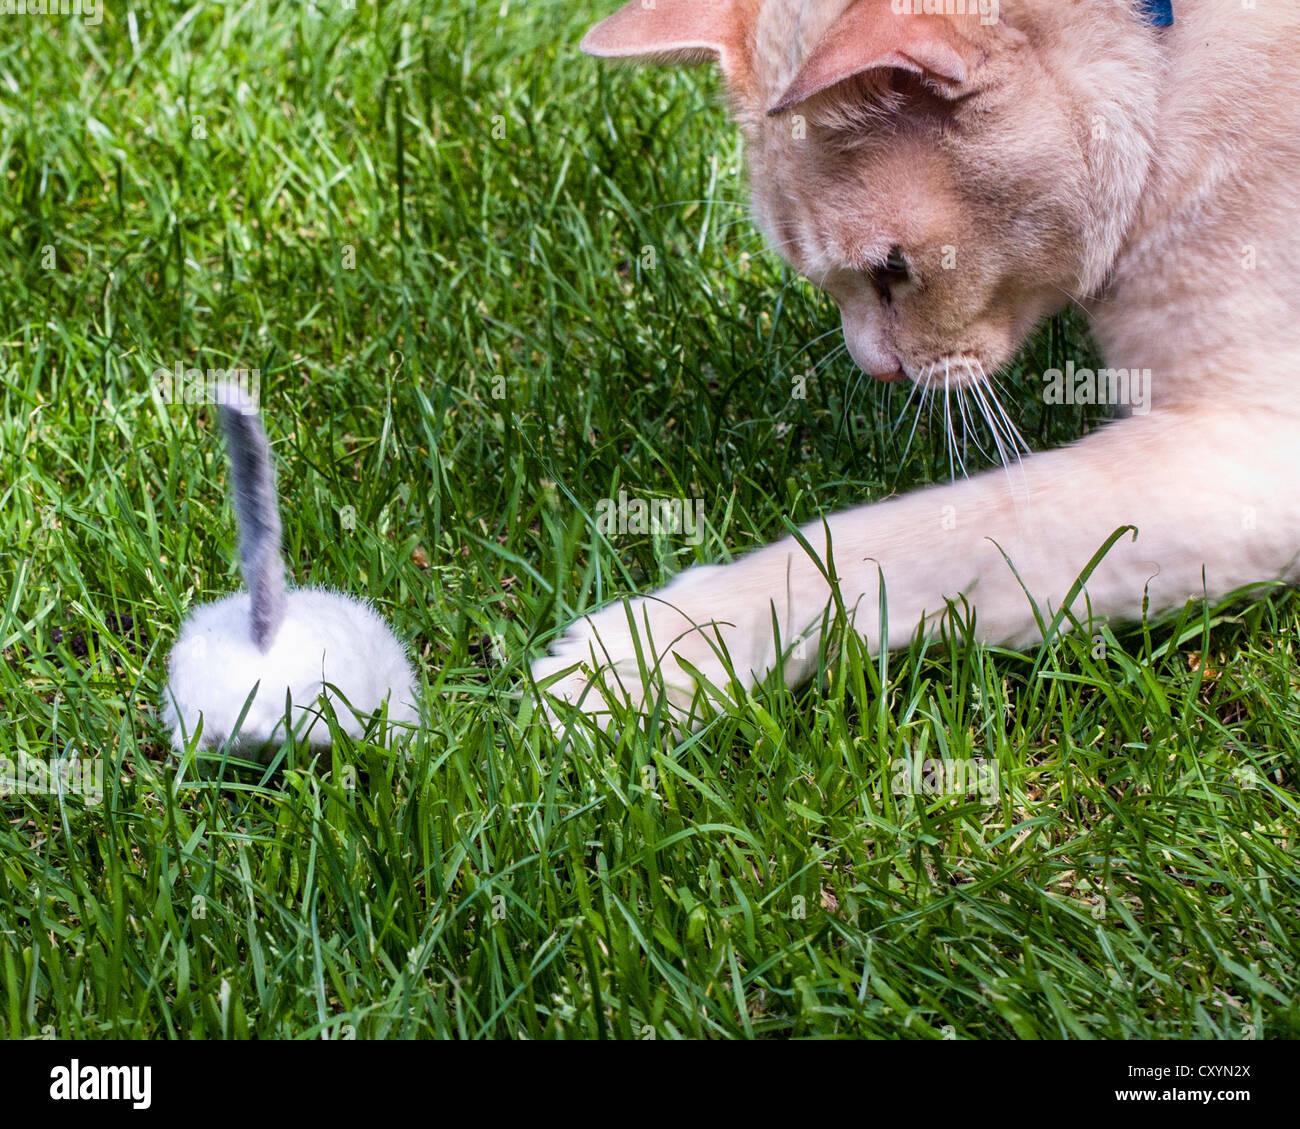 Birman rouge Chat jouant avec une souris jouet on grass Banque D'Images